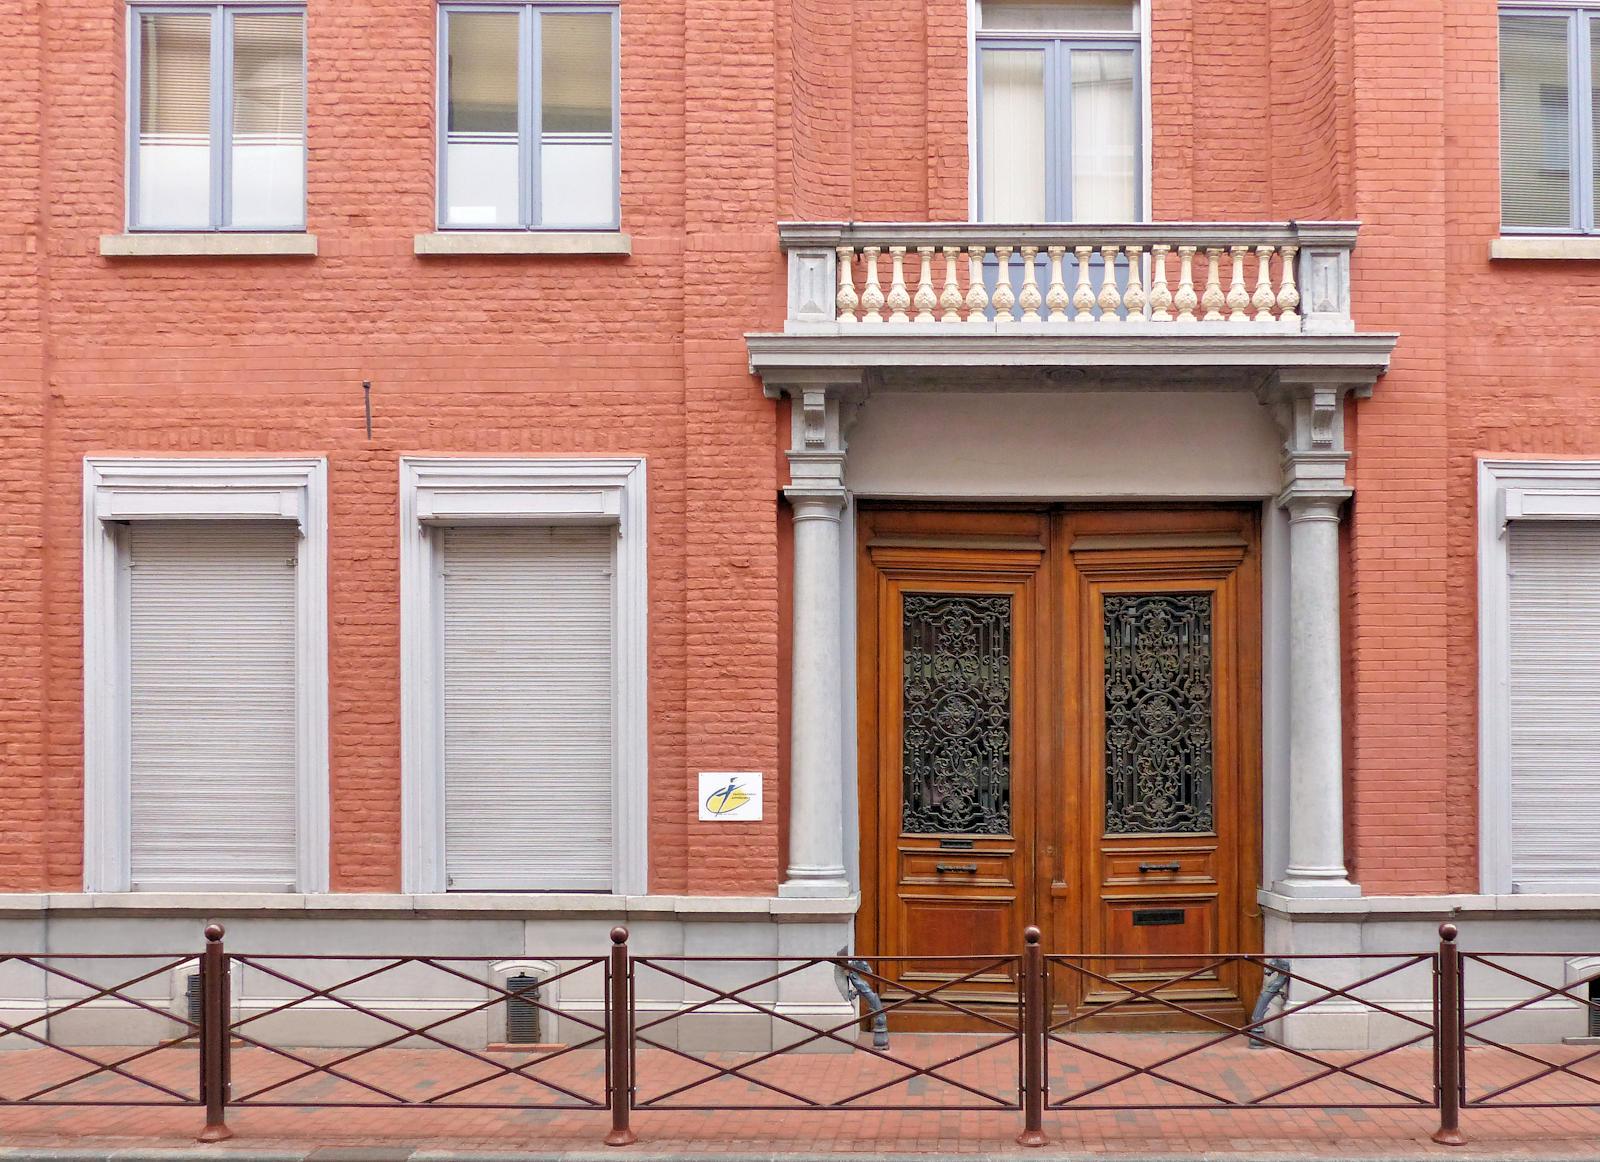 École primaire CNDI, Tourcoing - Ancienne porte cochère